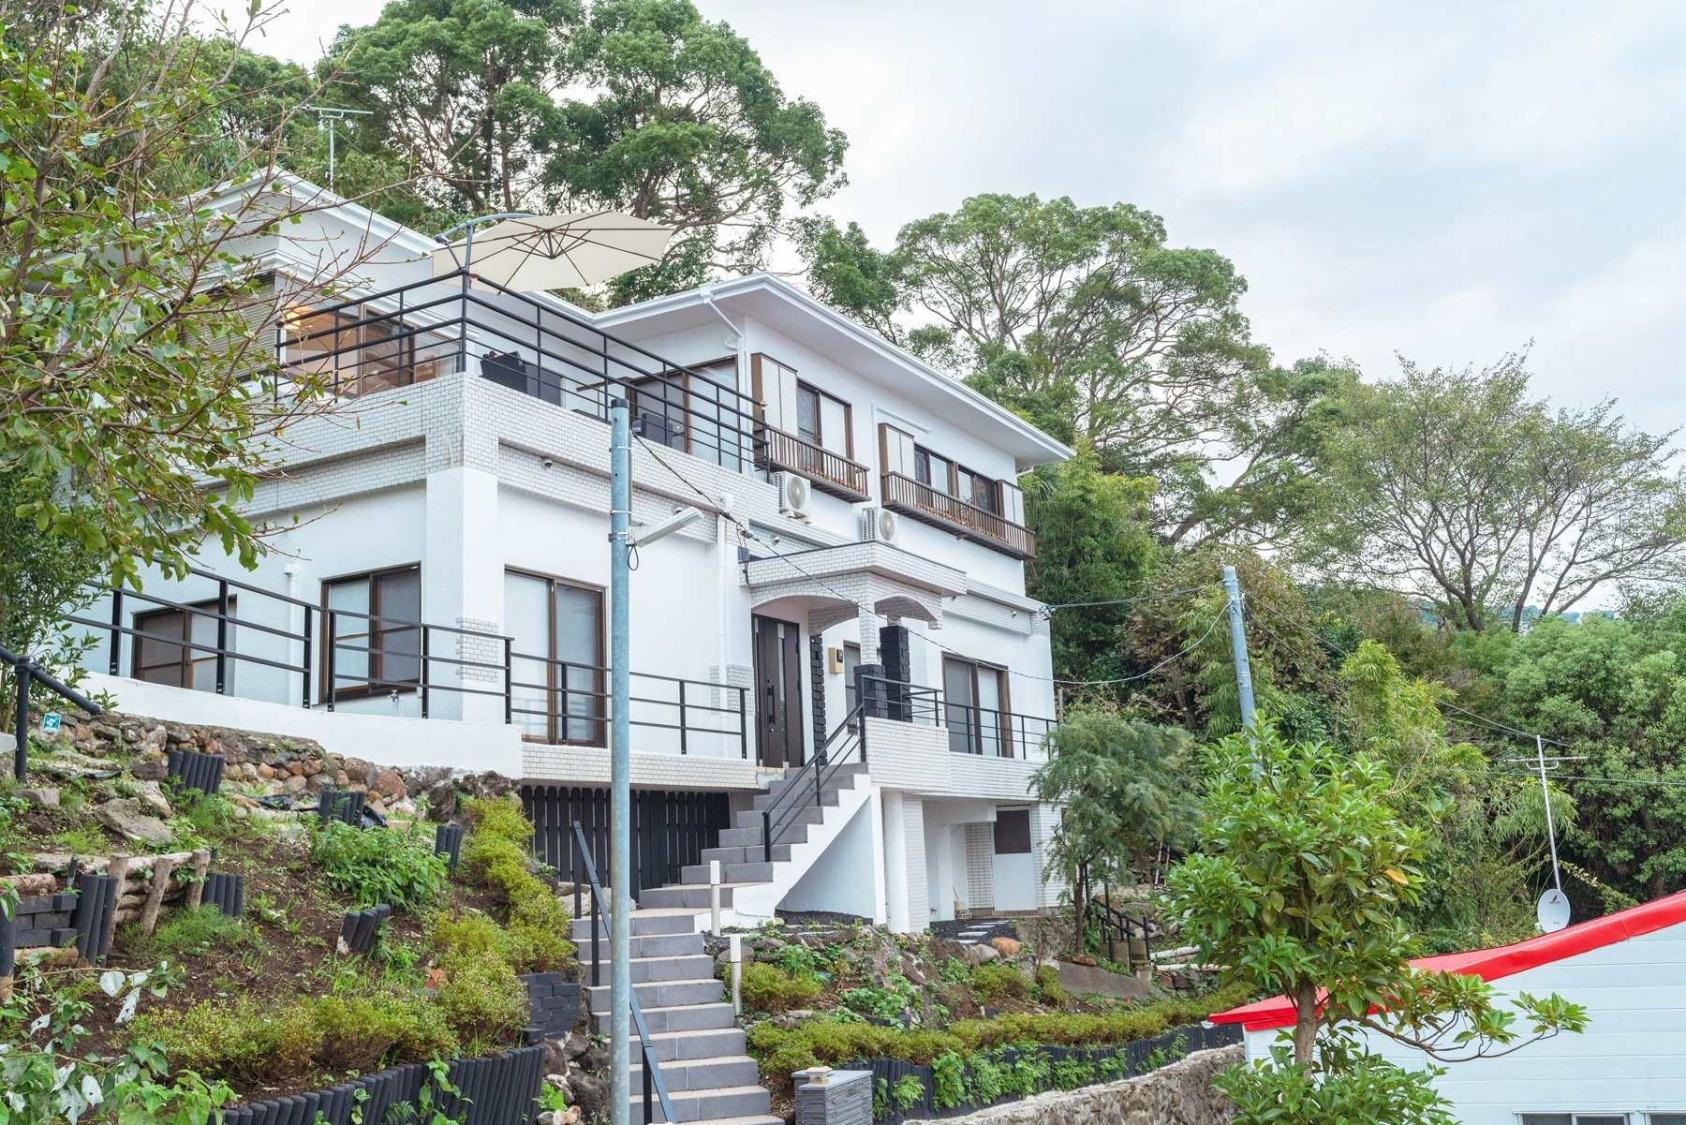 熱海海見える別荘 ホテルSHEN 和洋室6部屋一棟貸切 MAX14人